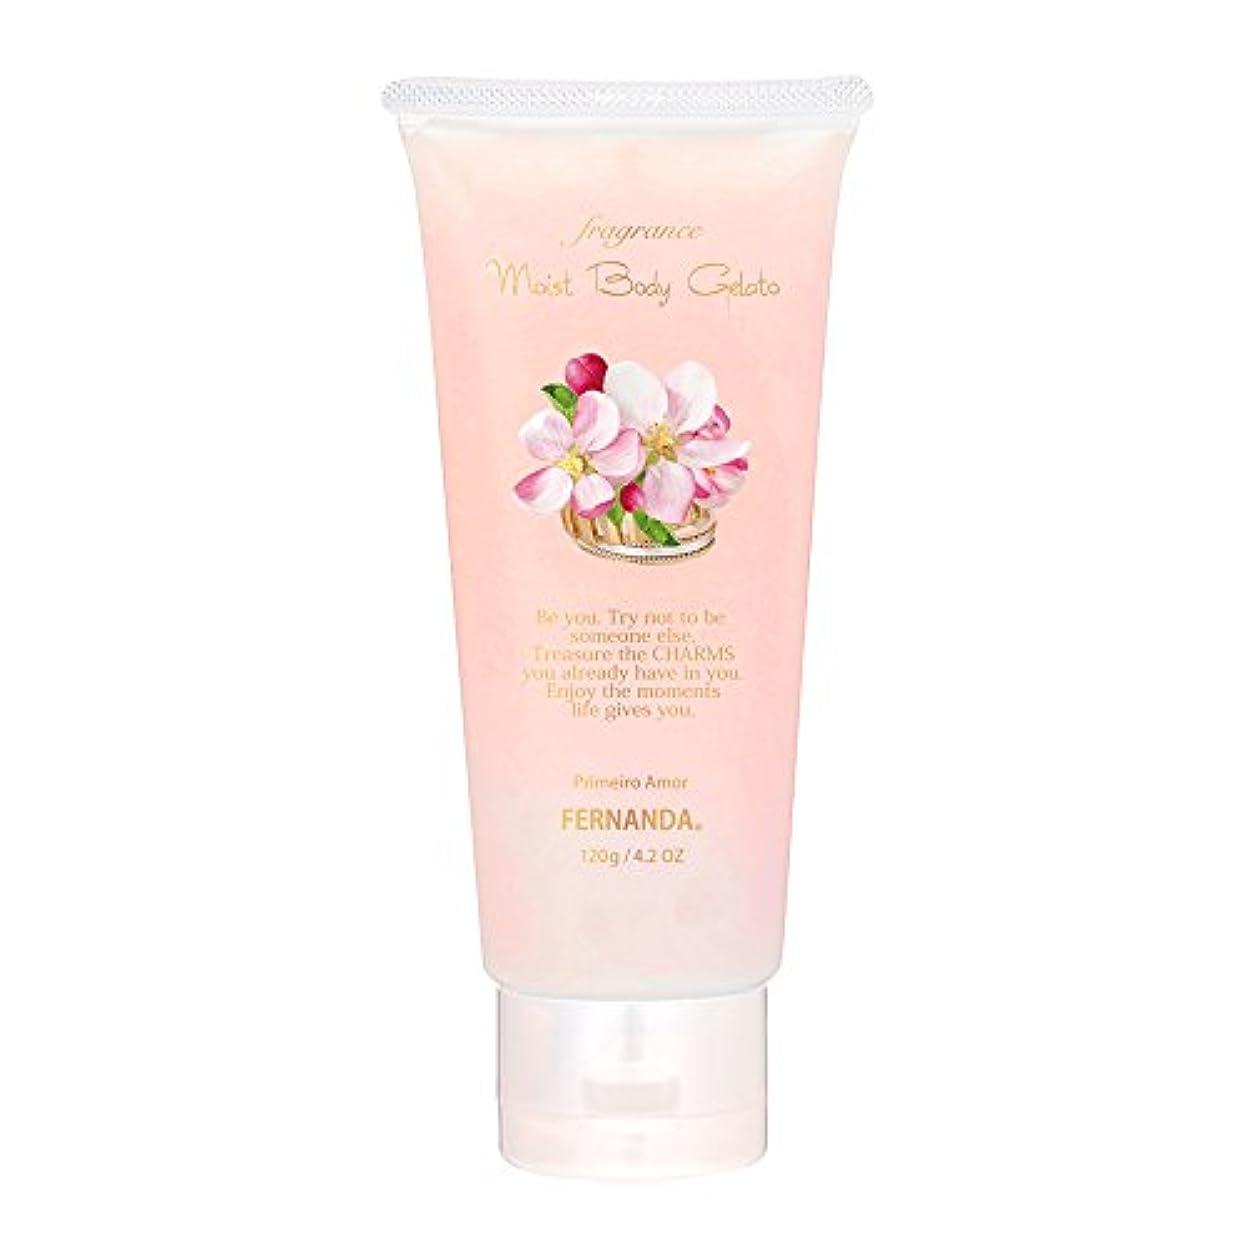 スムーズに申し立てるできたFERNANDA(フェルナンダ) Fragrance Moist Body Gelato Primeiro Amor (モイストボディジェラート プリメイロアモール)